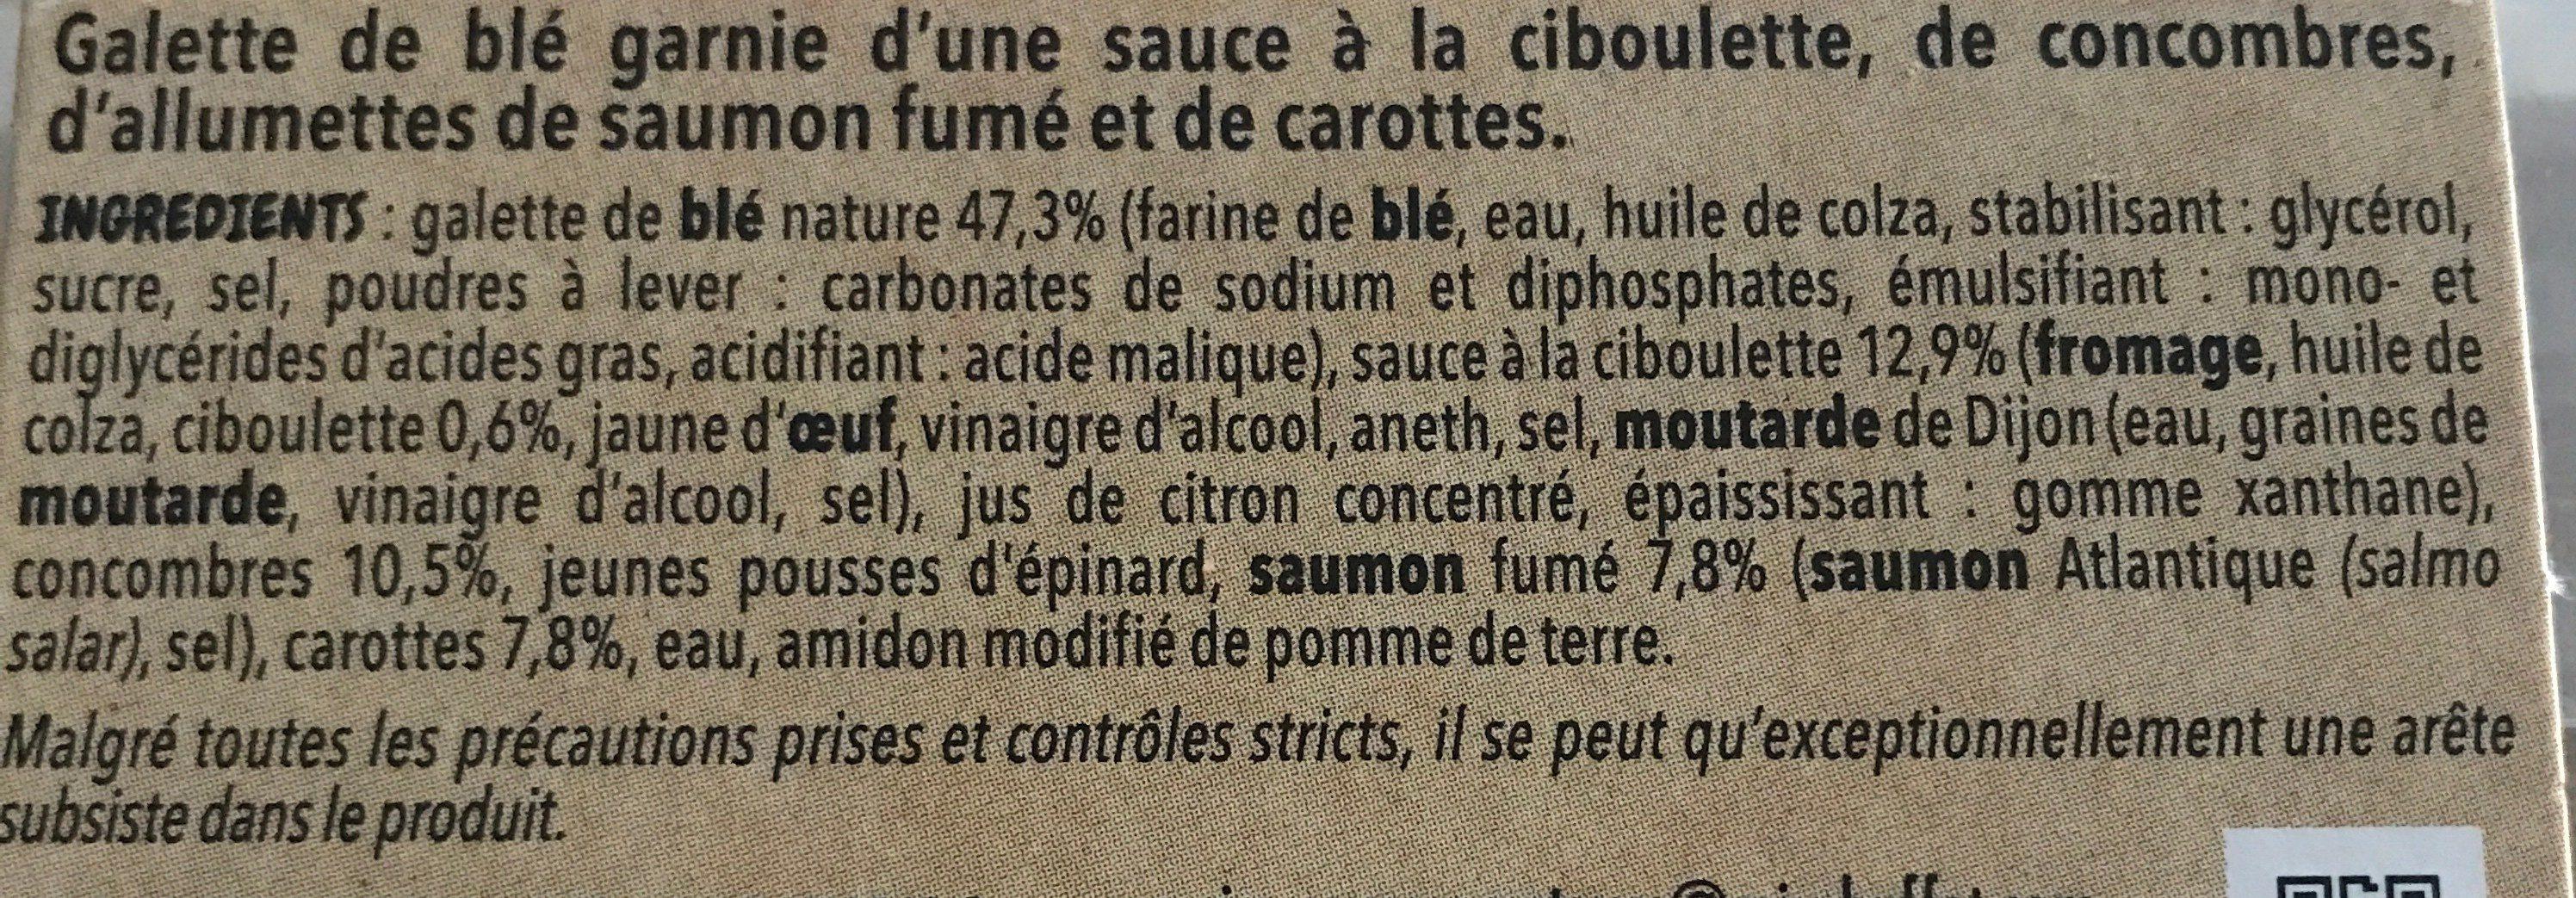 Wrap saumon fumé - Ingrédients